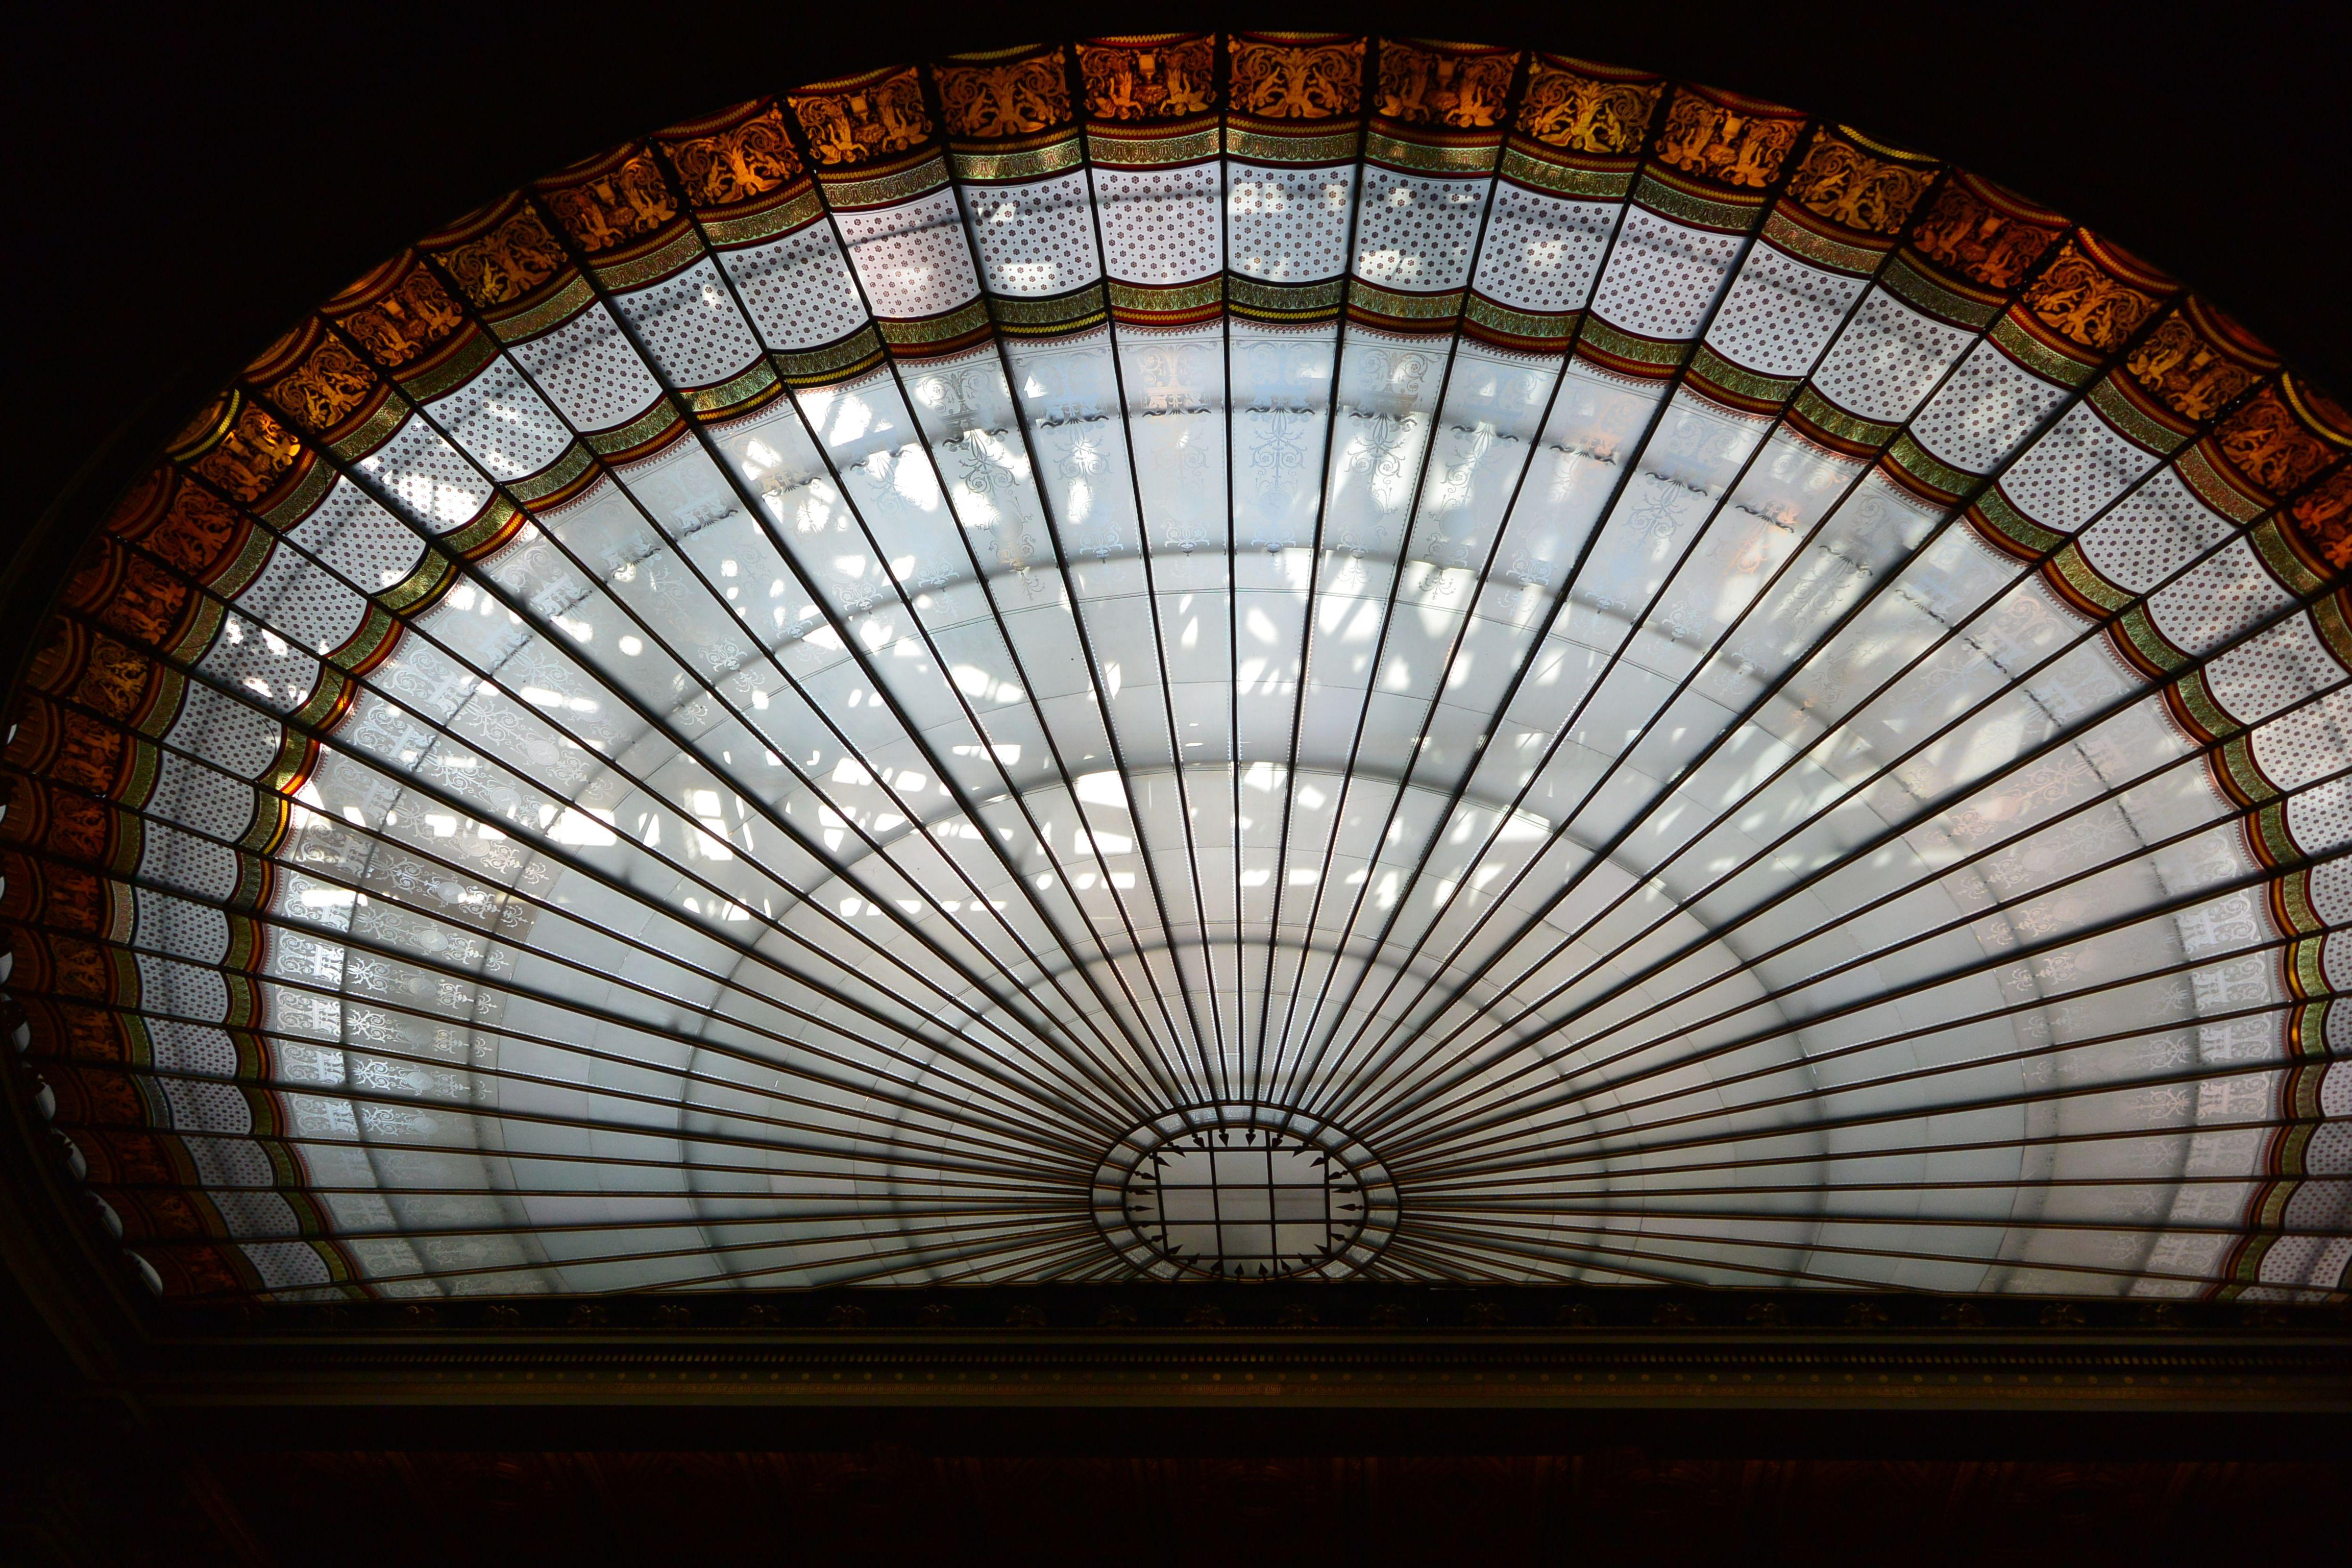 Wien-Glasdecke im historischen Sitzungssaal des Parlaments